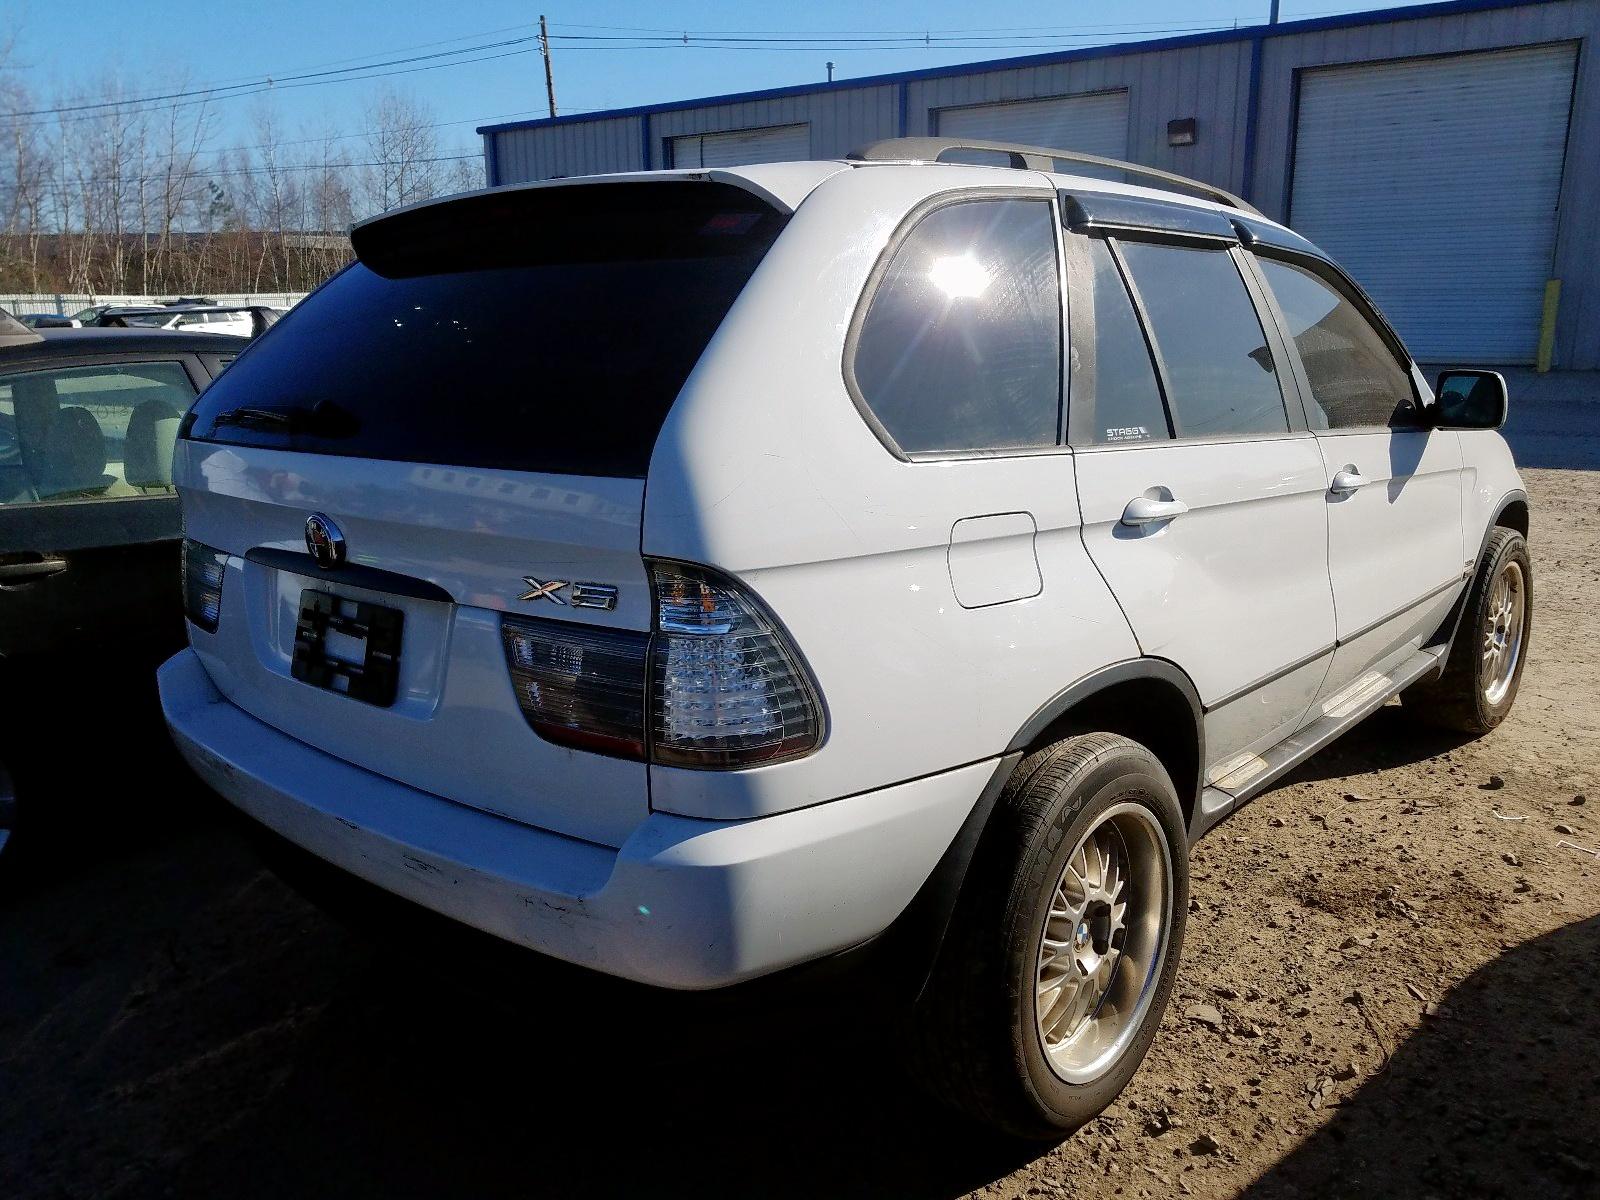 5UXFA53543LV76249 - 2003 Bmw X5 3.0I 3.0L rear view